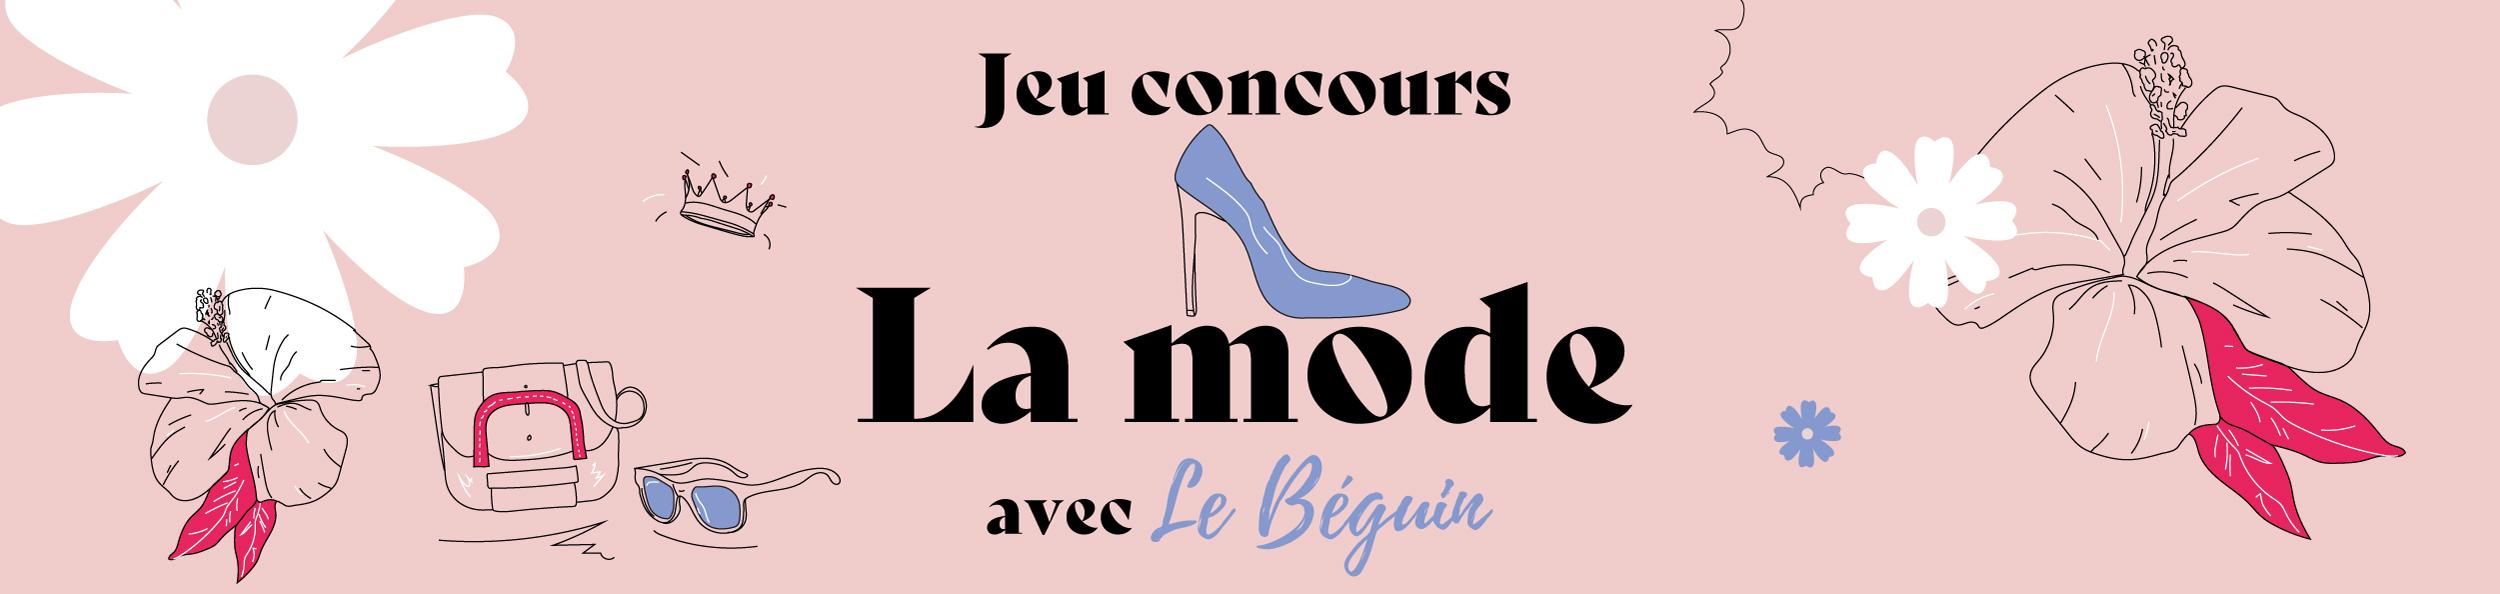 Jeu concours : Personal shopping avec Marie / Le Béguin